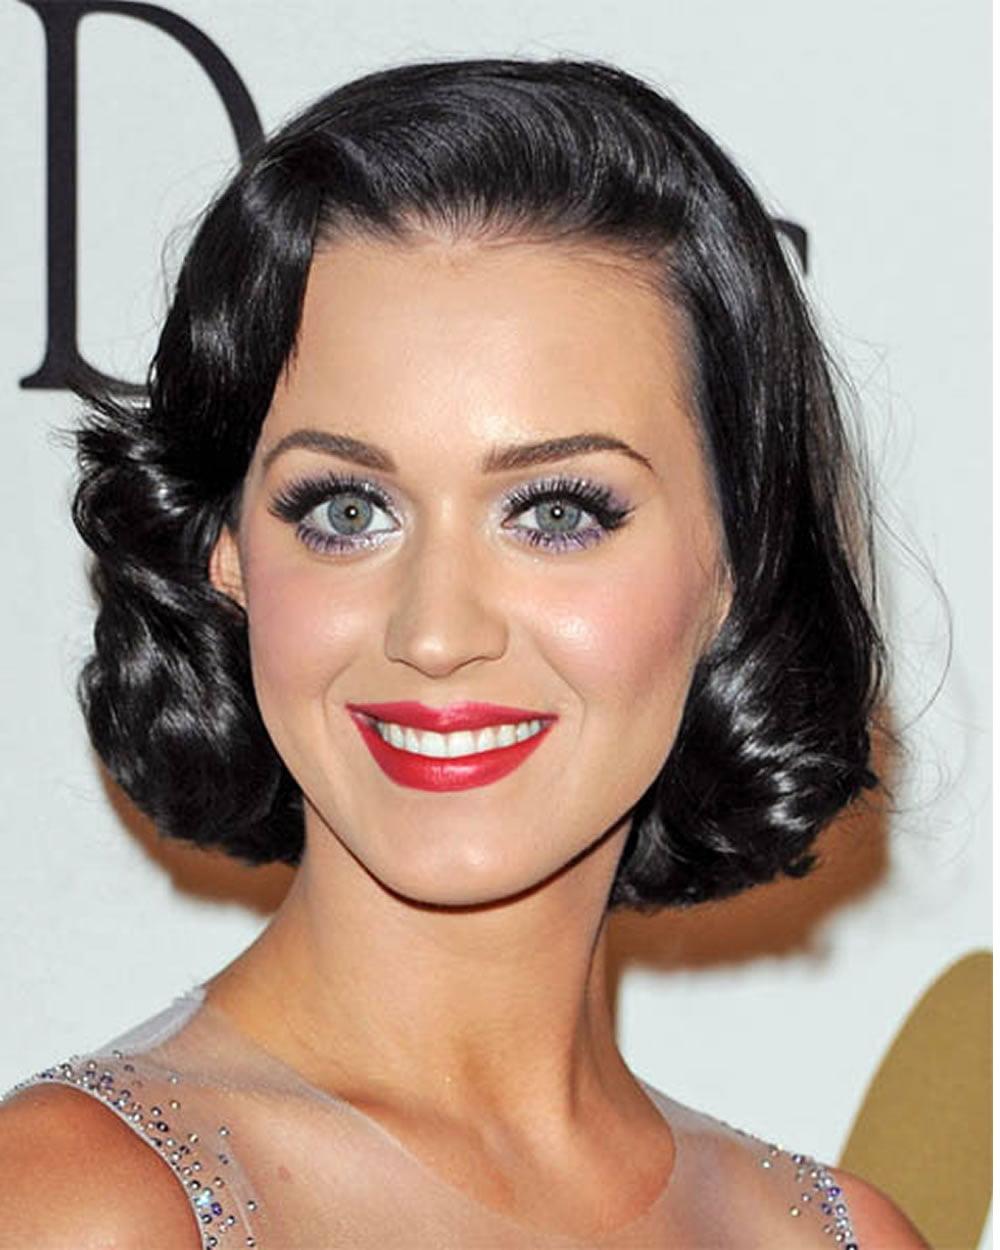 Short haircuts of famous women